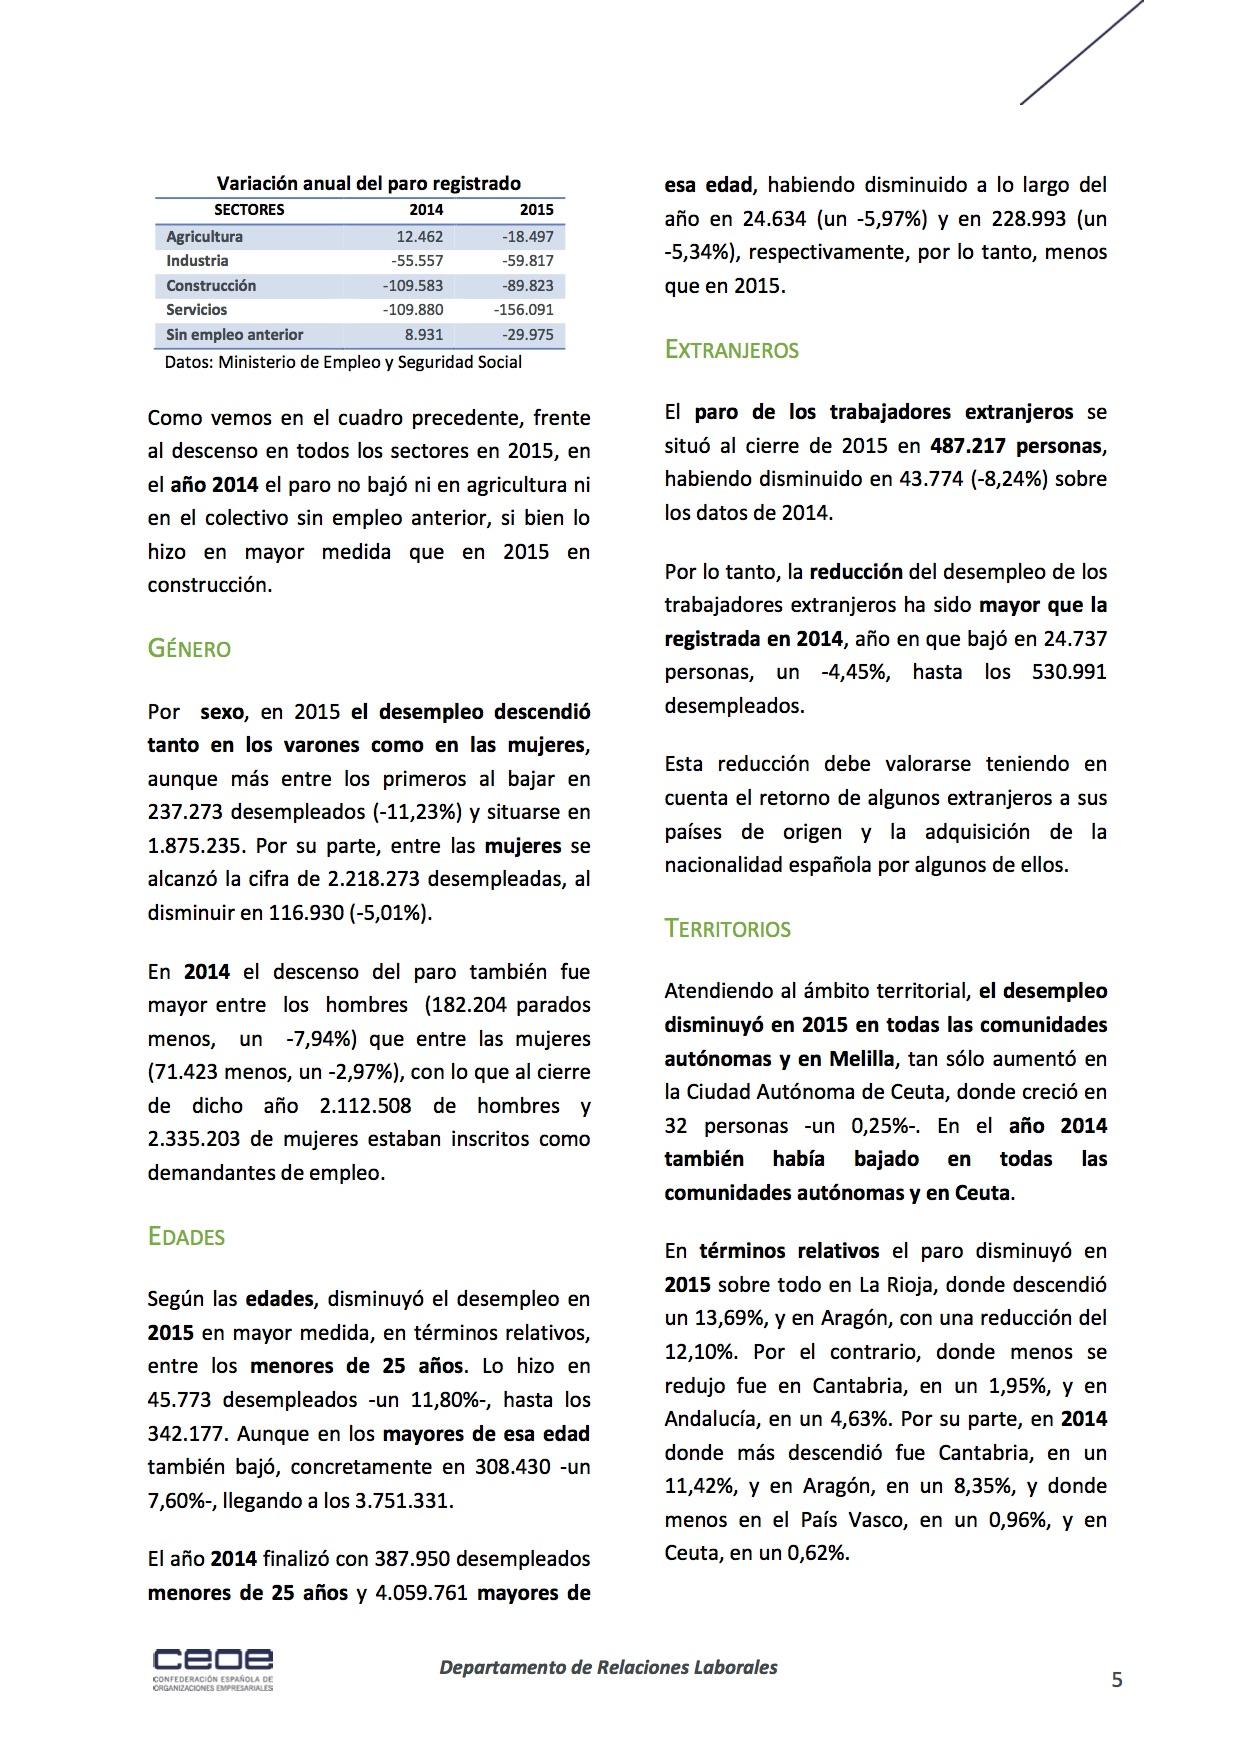 5publications_docs-file-175-analisis-del-mercado-laboral-de-2015